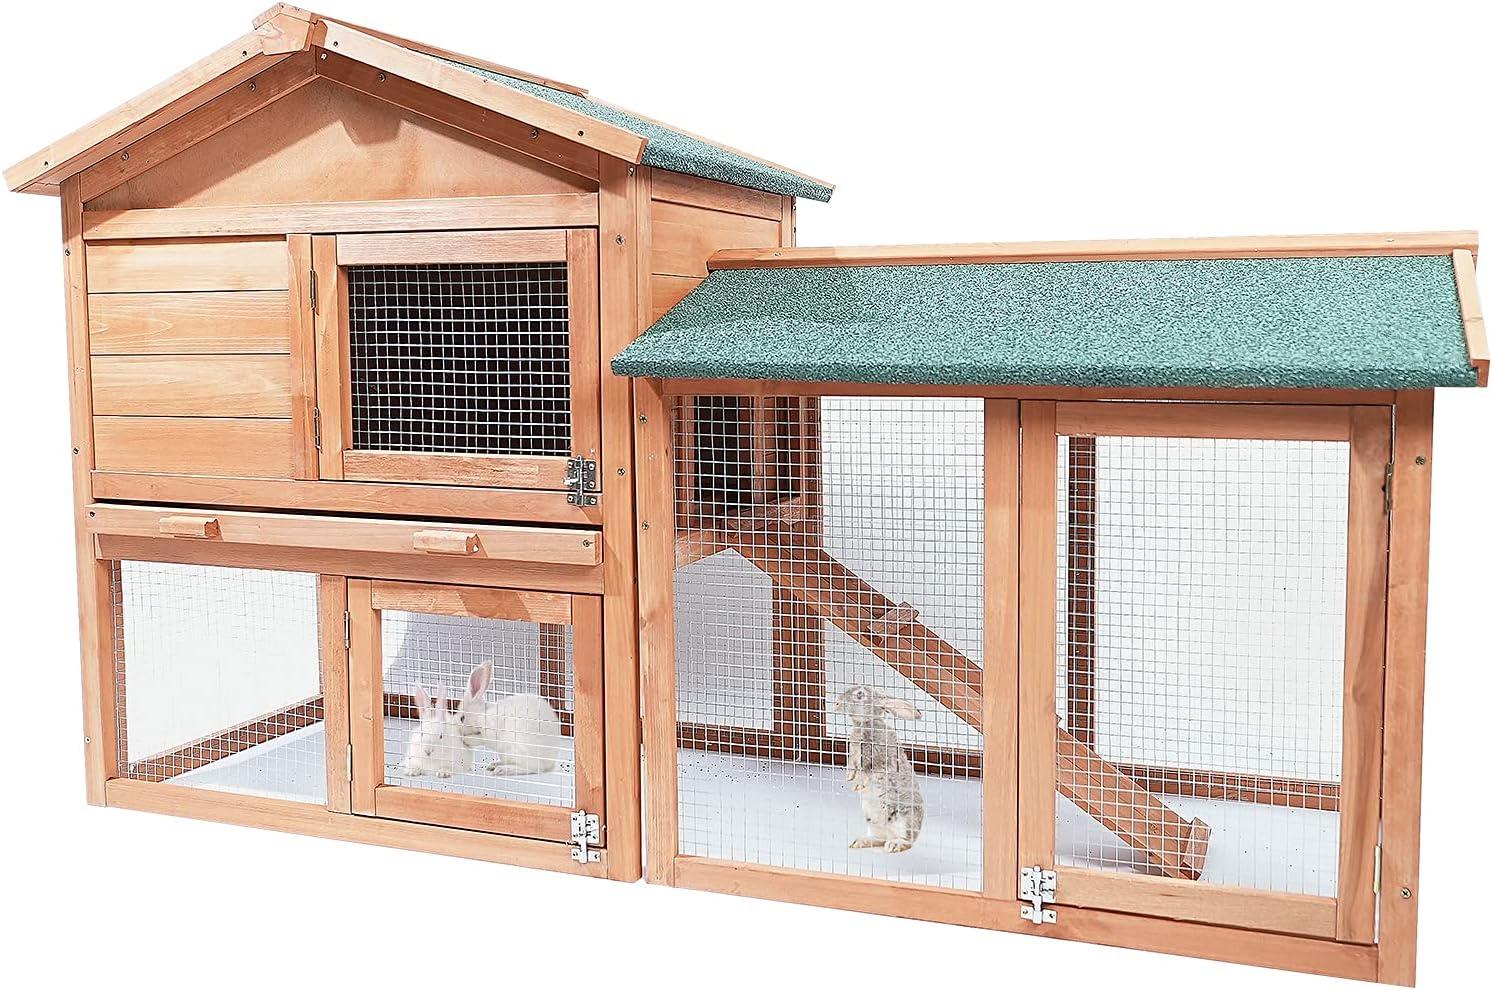 GIANTWOOD- Wooden Waterproof Rabbit 40% OFF Cheap Sale Ranking TOP13 Outdoor Cage Indoor Easy-C